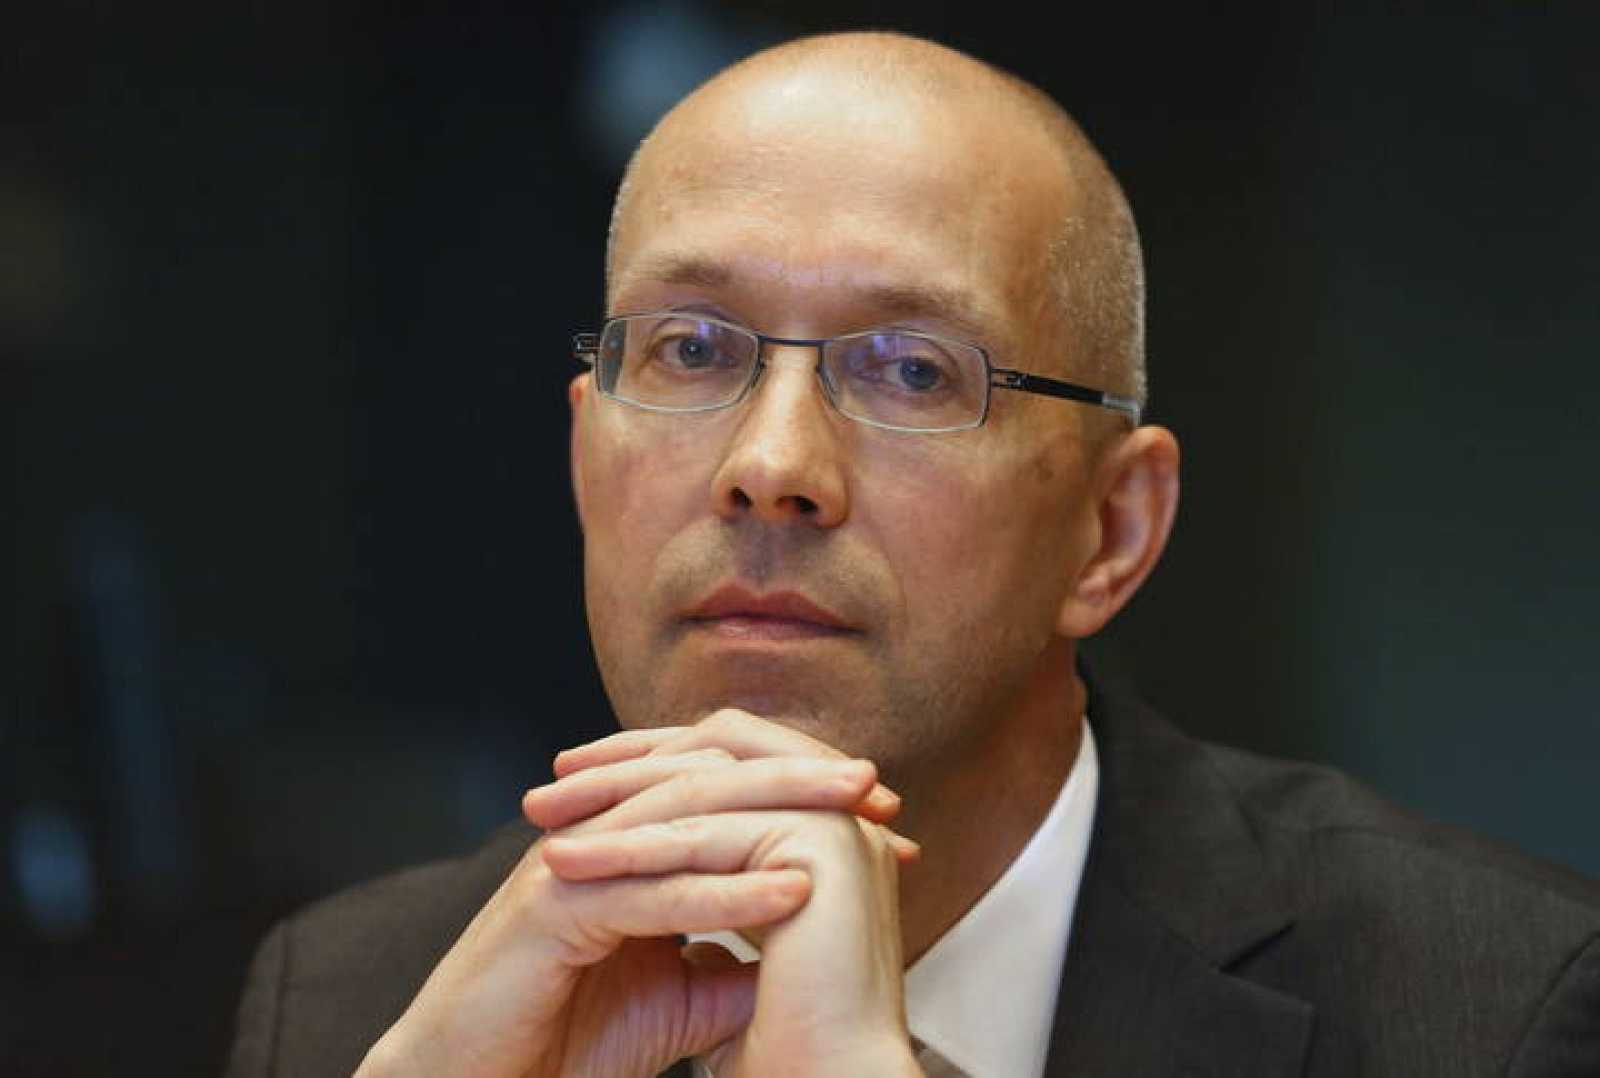 El miembro del Consejo Ejecutivo del Banco Central Europeo Jörg Asmussen